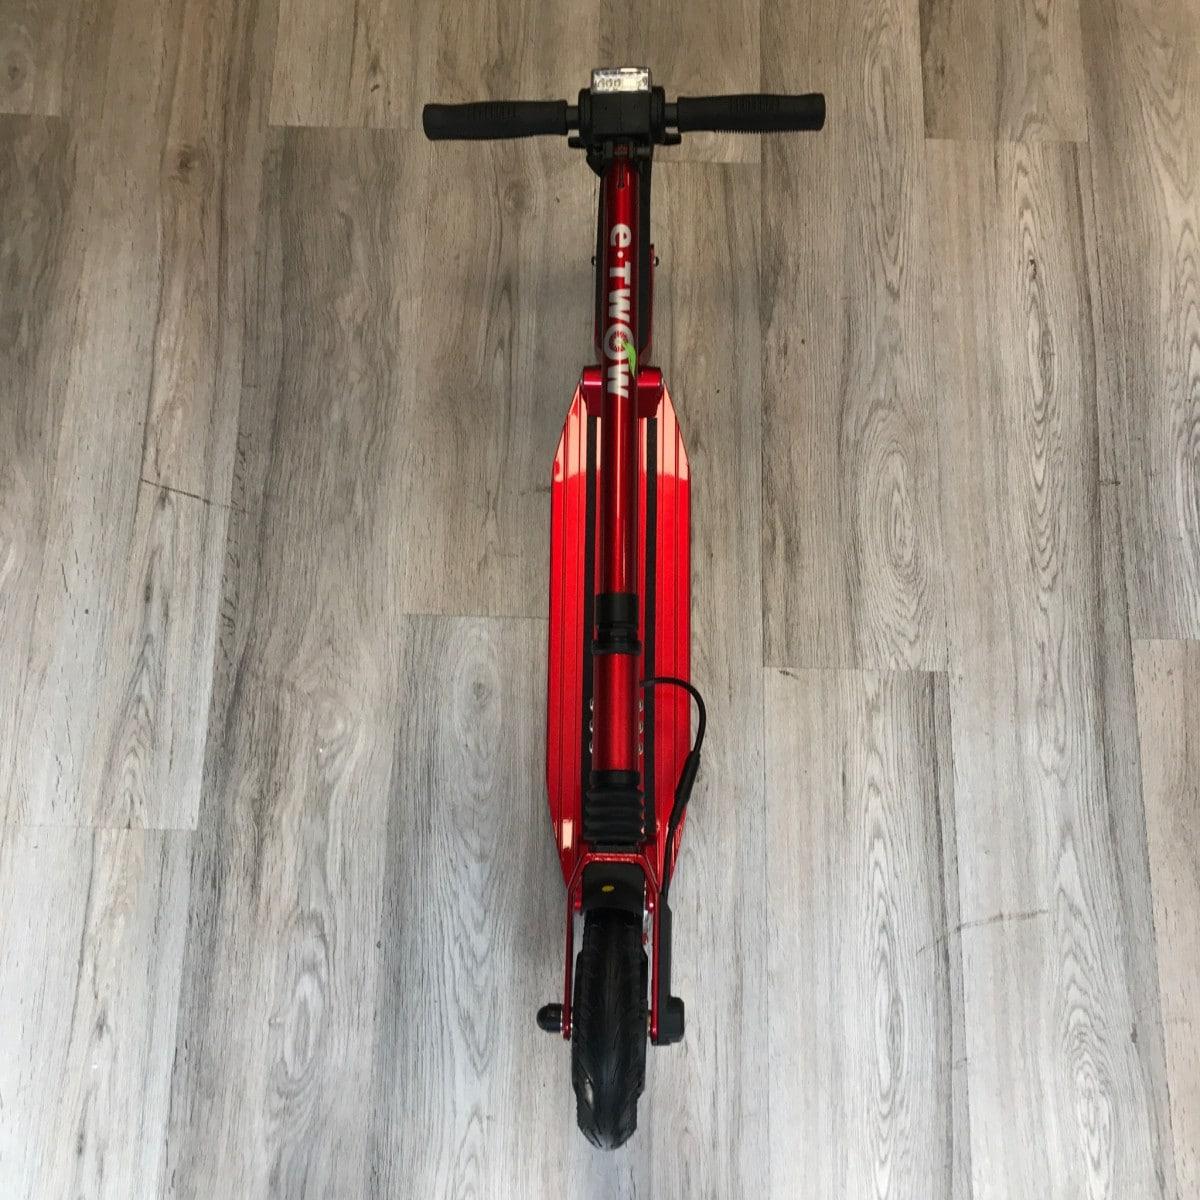 Etwow-Booster-S2-Rouge-pliée